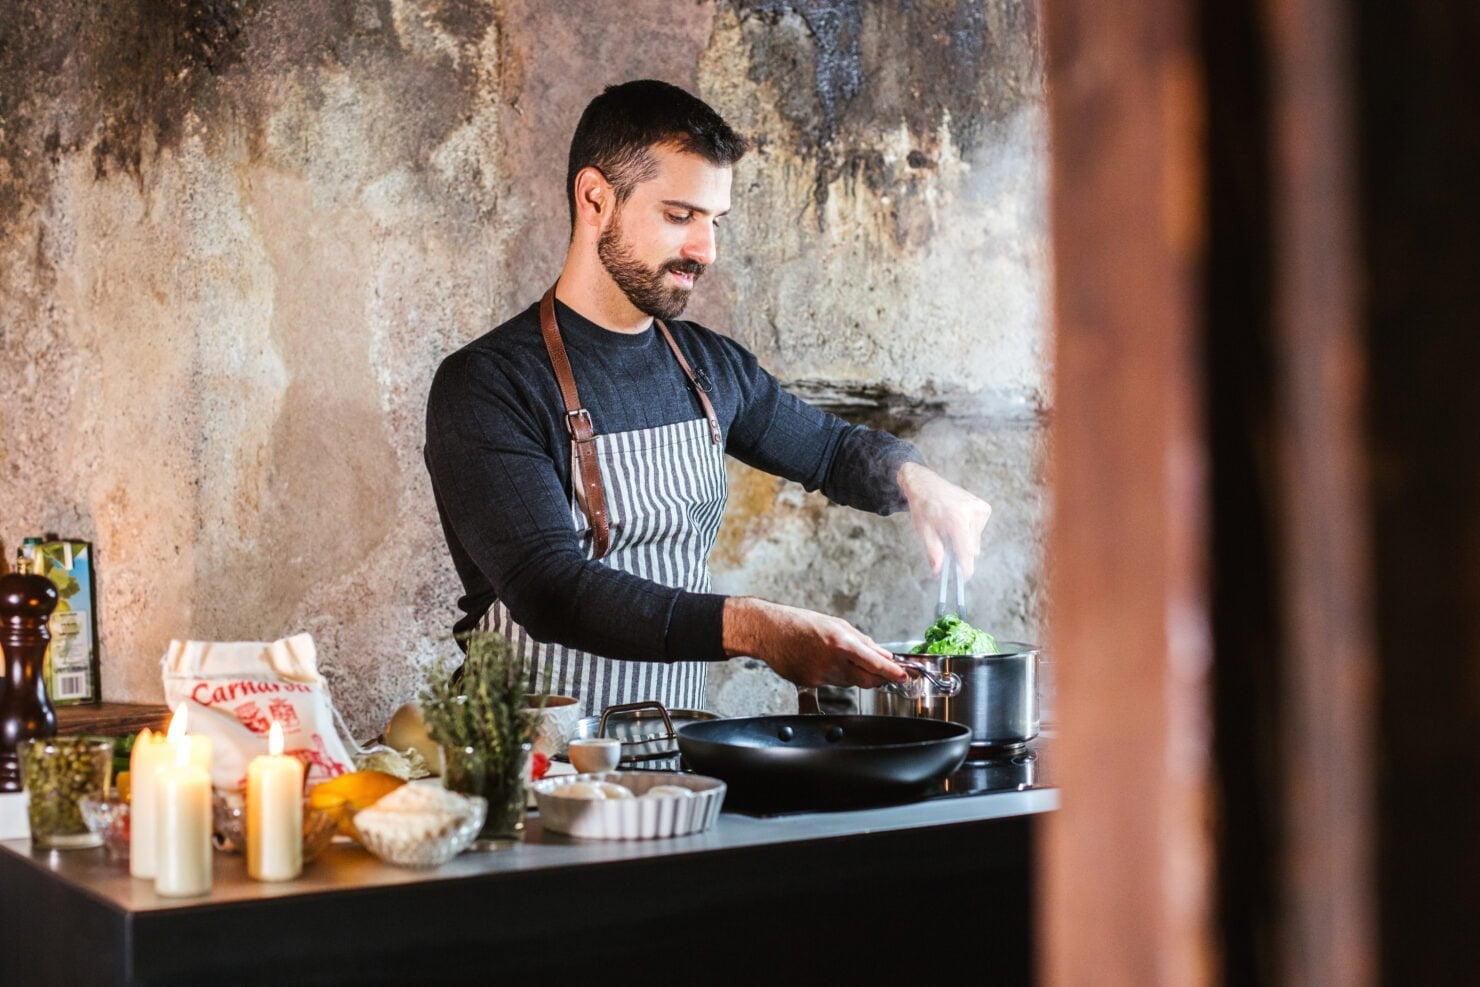 Laz uns kochen - Mediterran kochen für Familie und Freunde